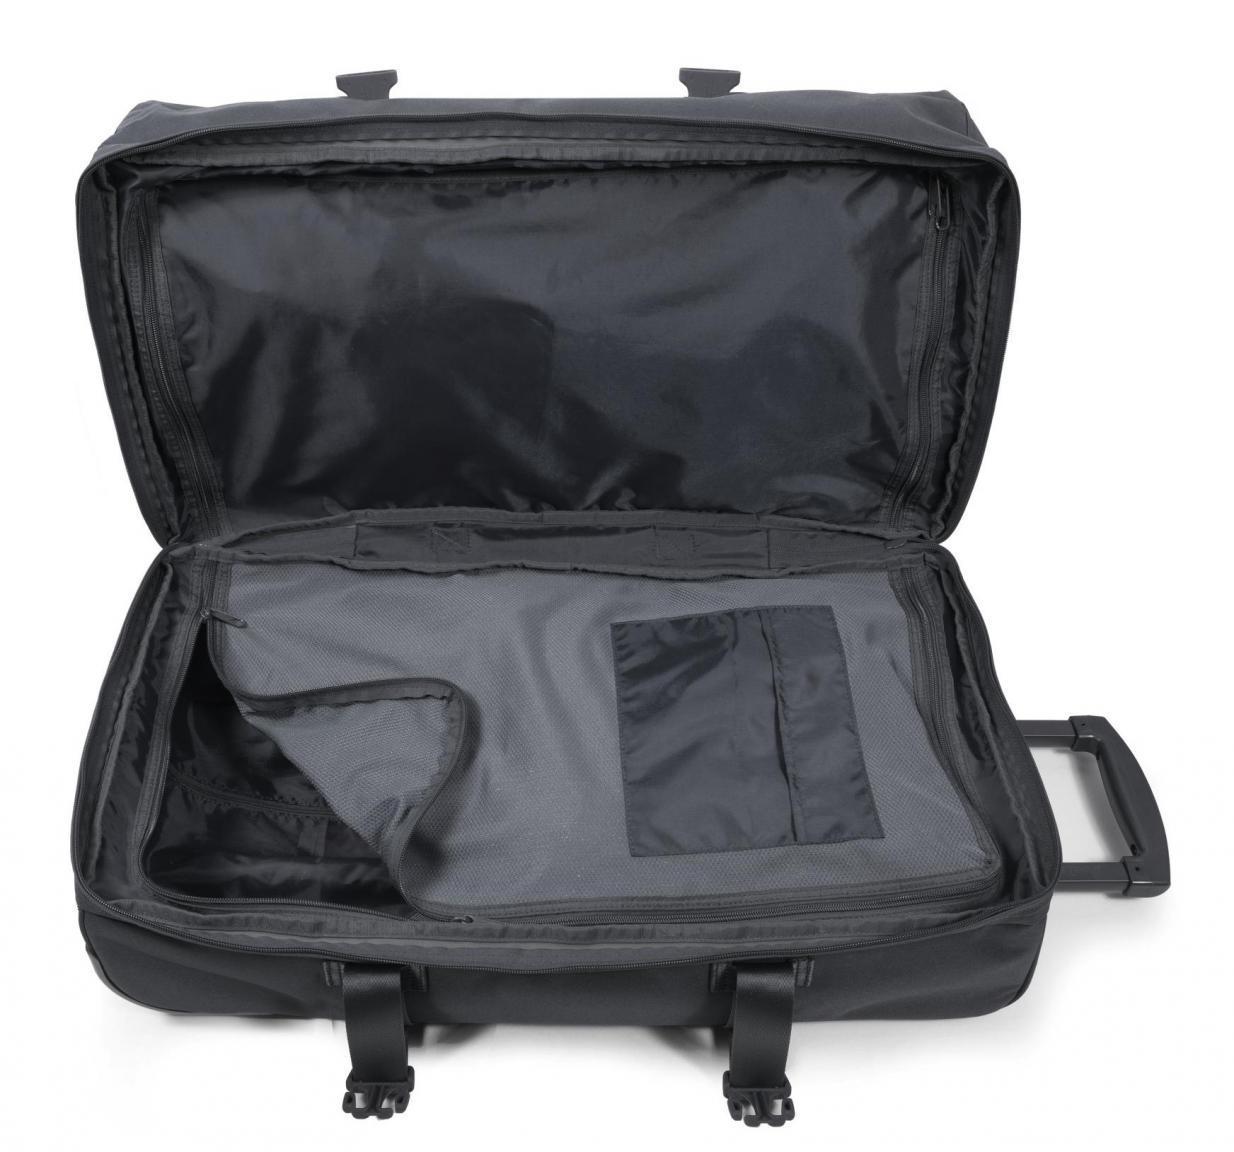 Eastpak Tranverz M Reisetasche mit Rollen Grey Matchy